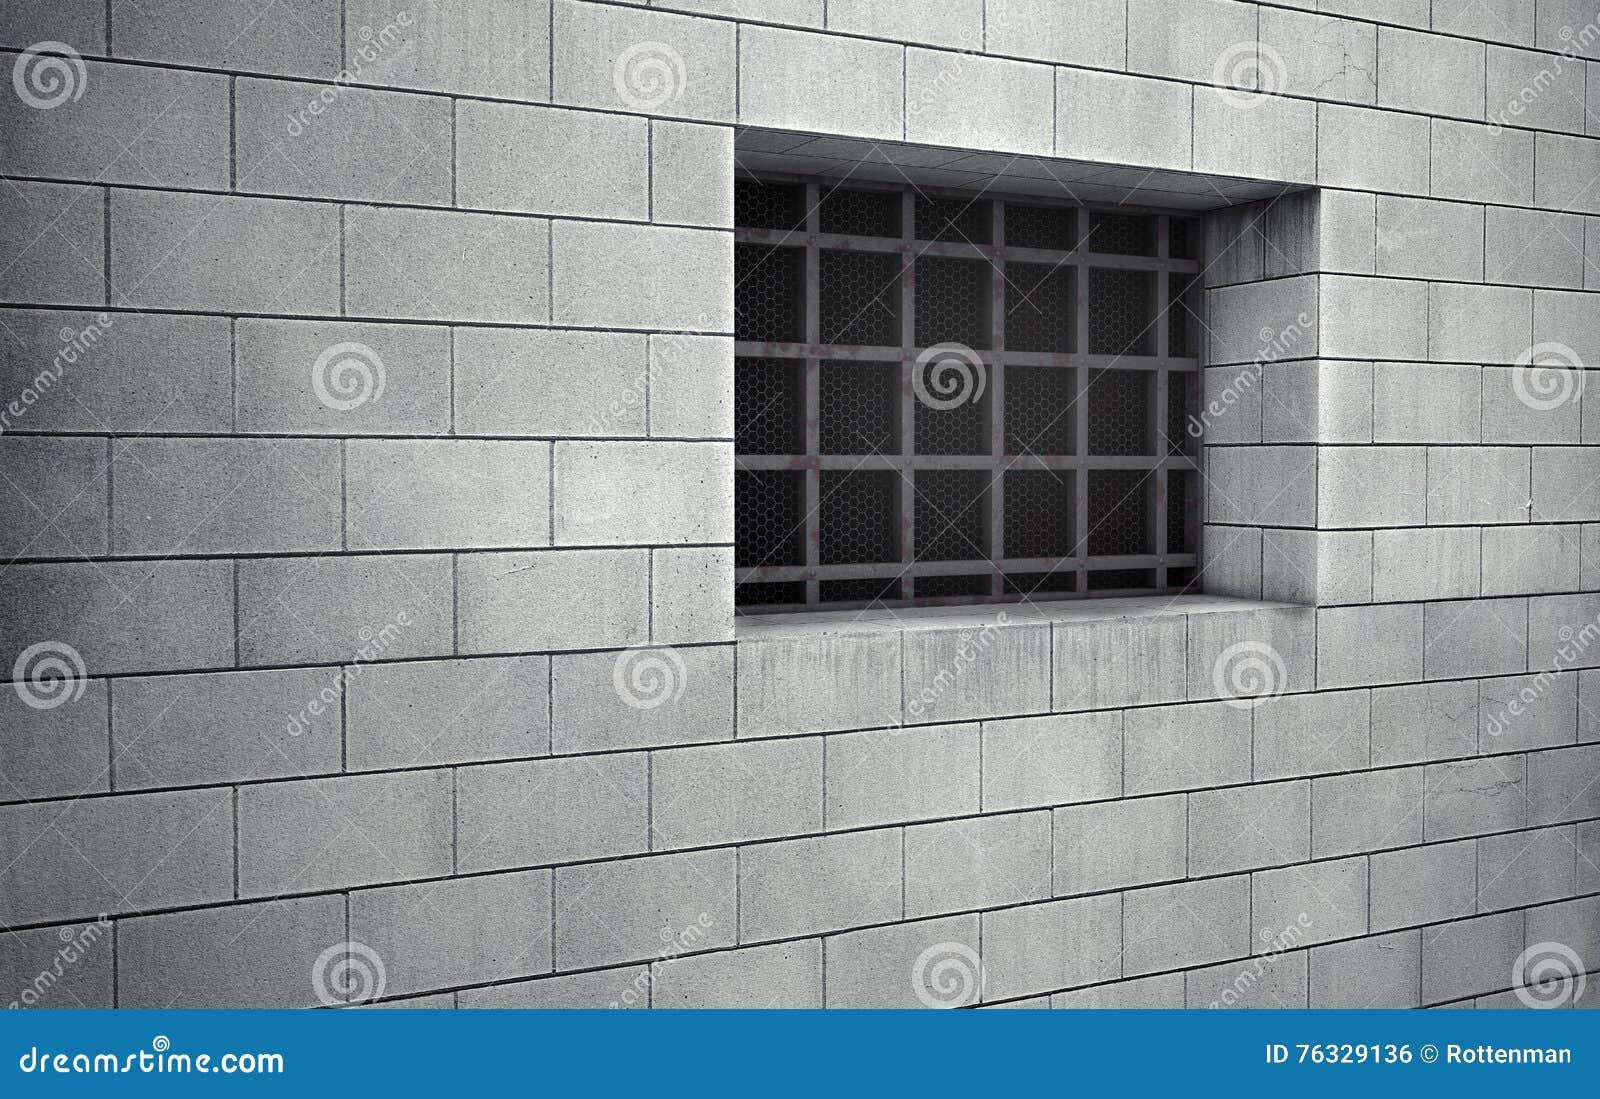 Gefängniszellgitterfenster Wiedergabe 3d